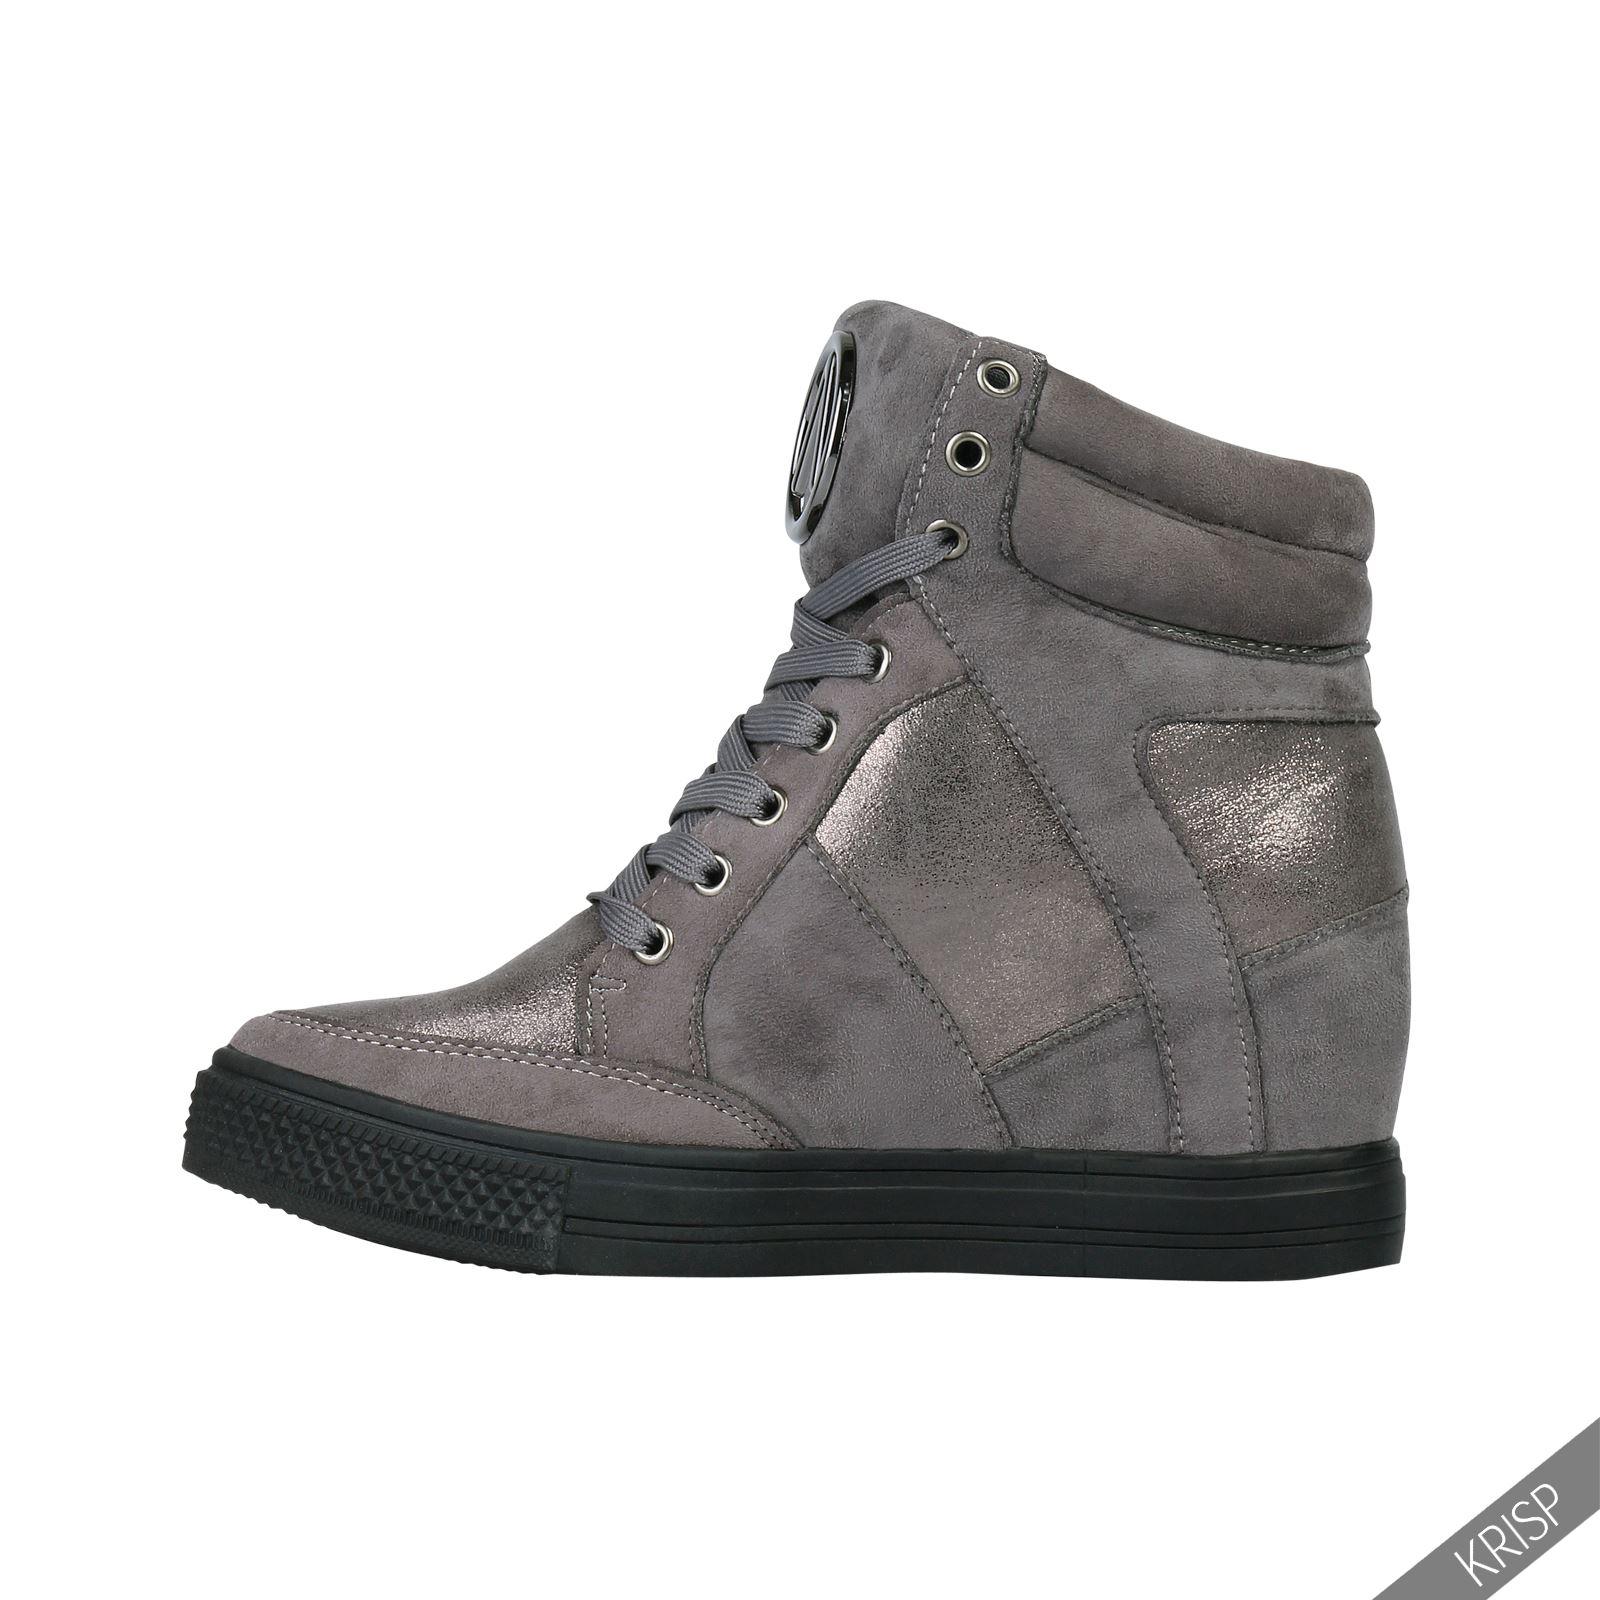 202d8f7800 Schuhe & Handtaschen KRISP Damen Schuhe Keilabsatz Turnschuhe Verschiedene  Varianten Schuhe